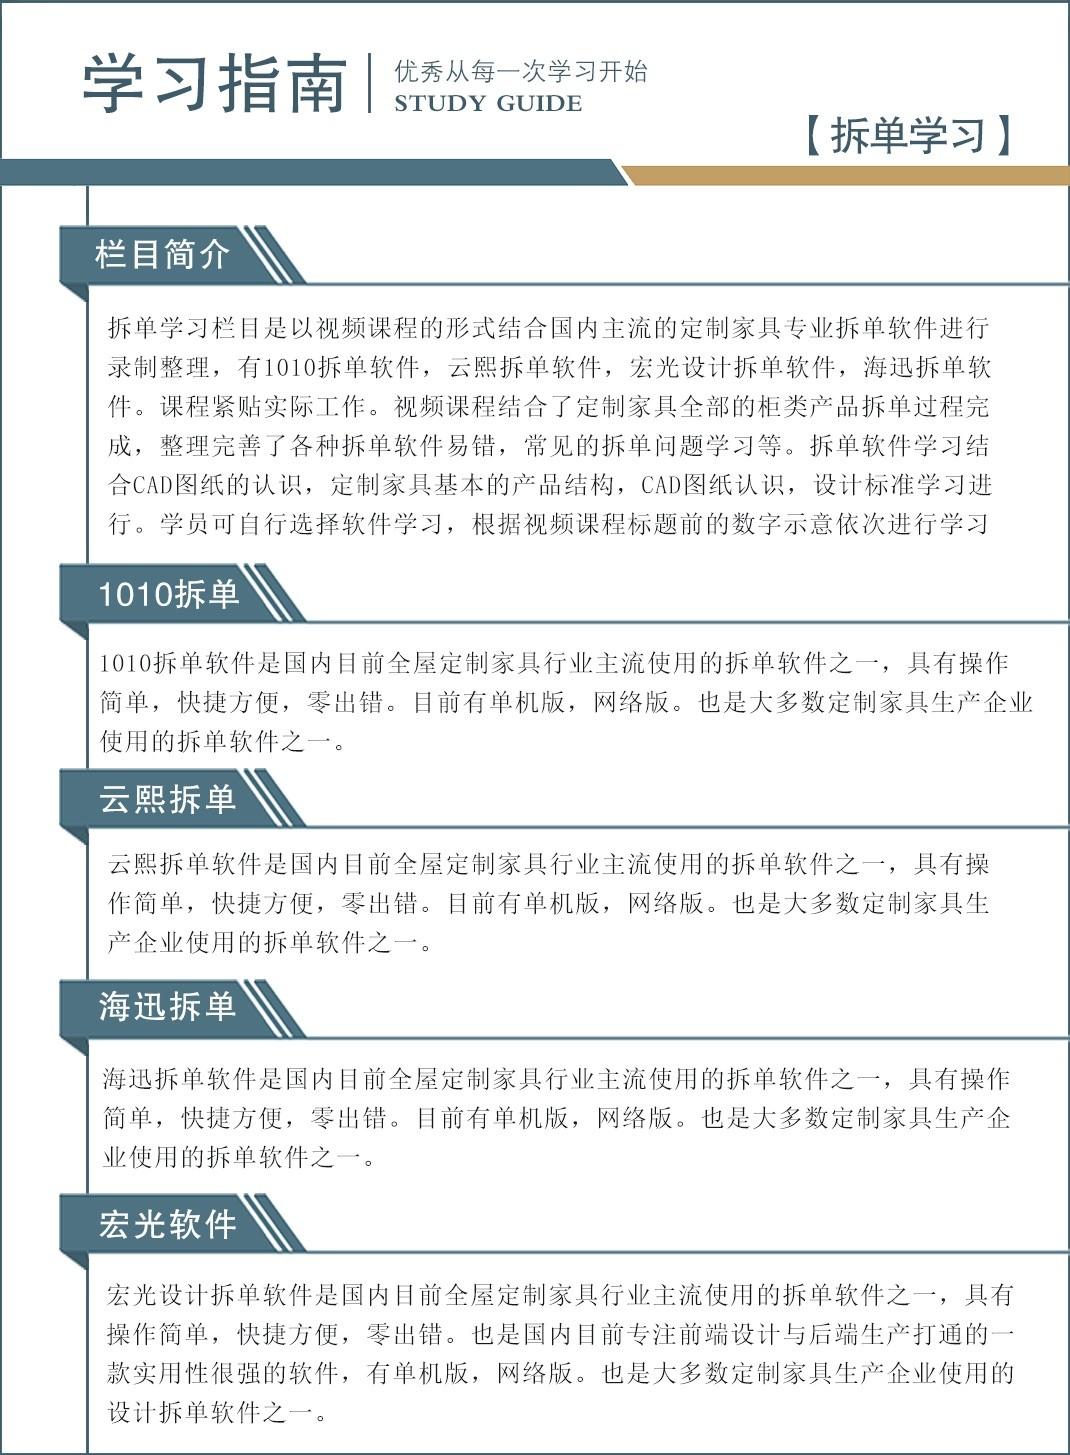 拆单软件学习指南_看图王.jpg